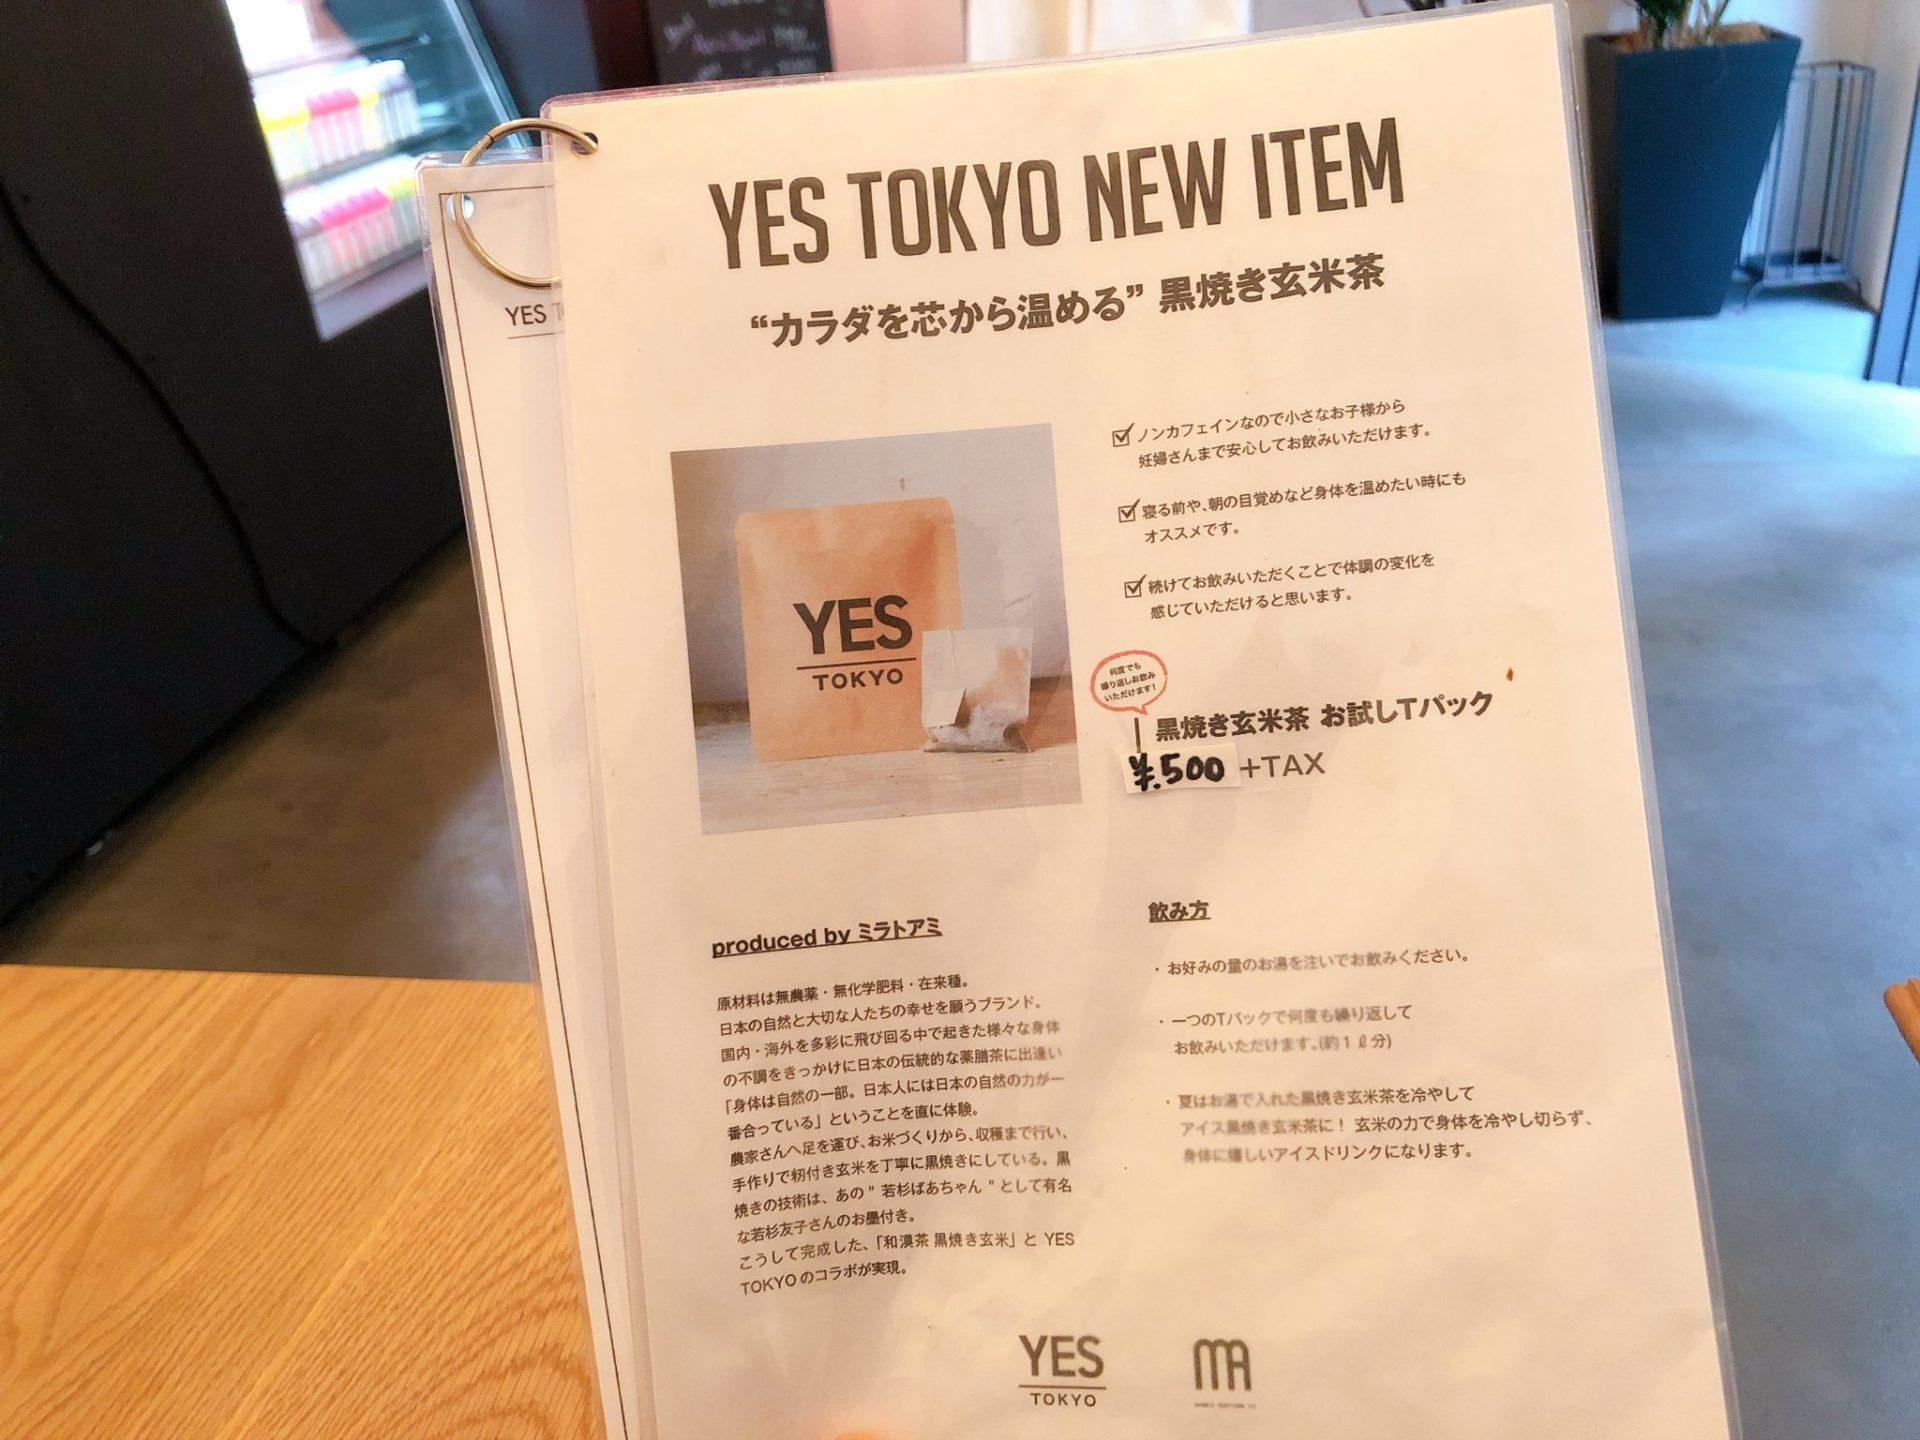 YES TOKYO(イエストウキョウ)の温かいお茶メニュー